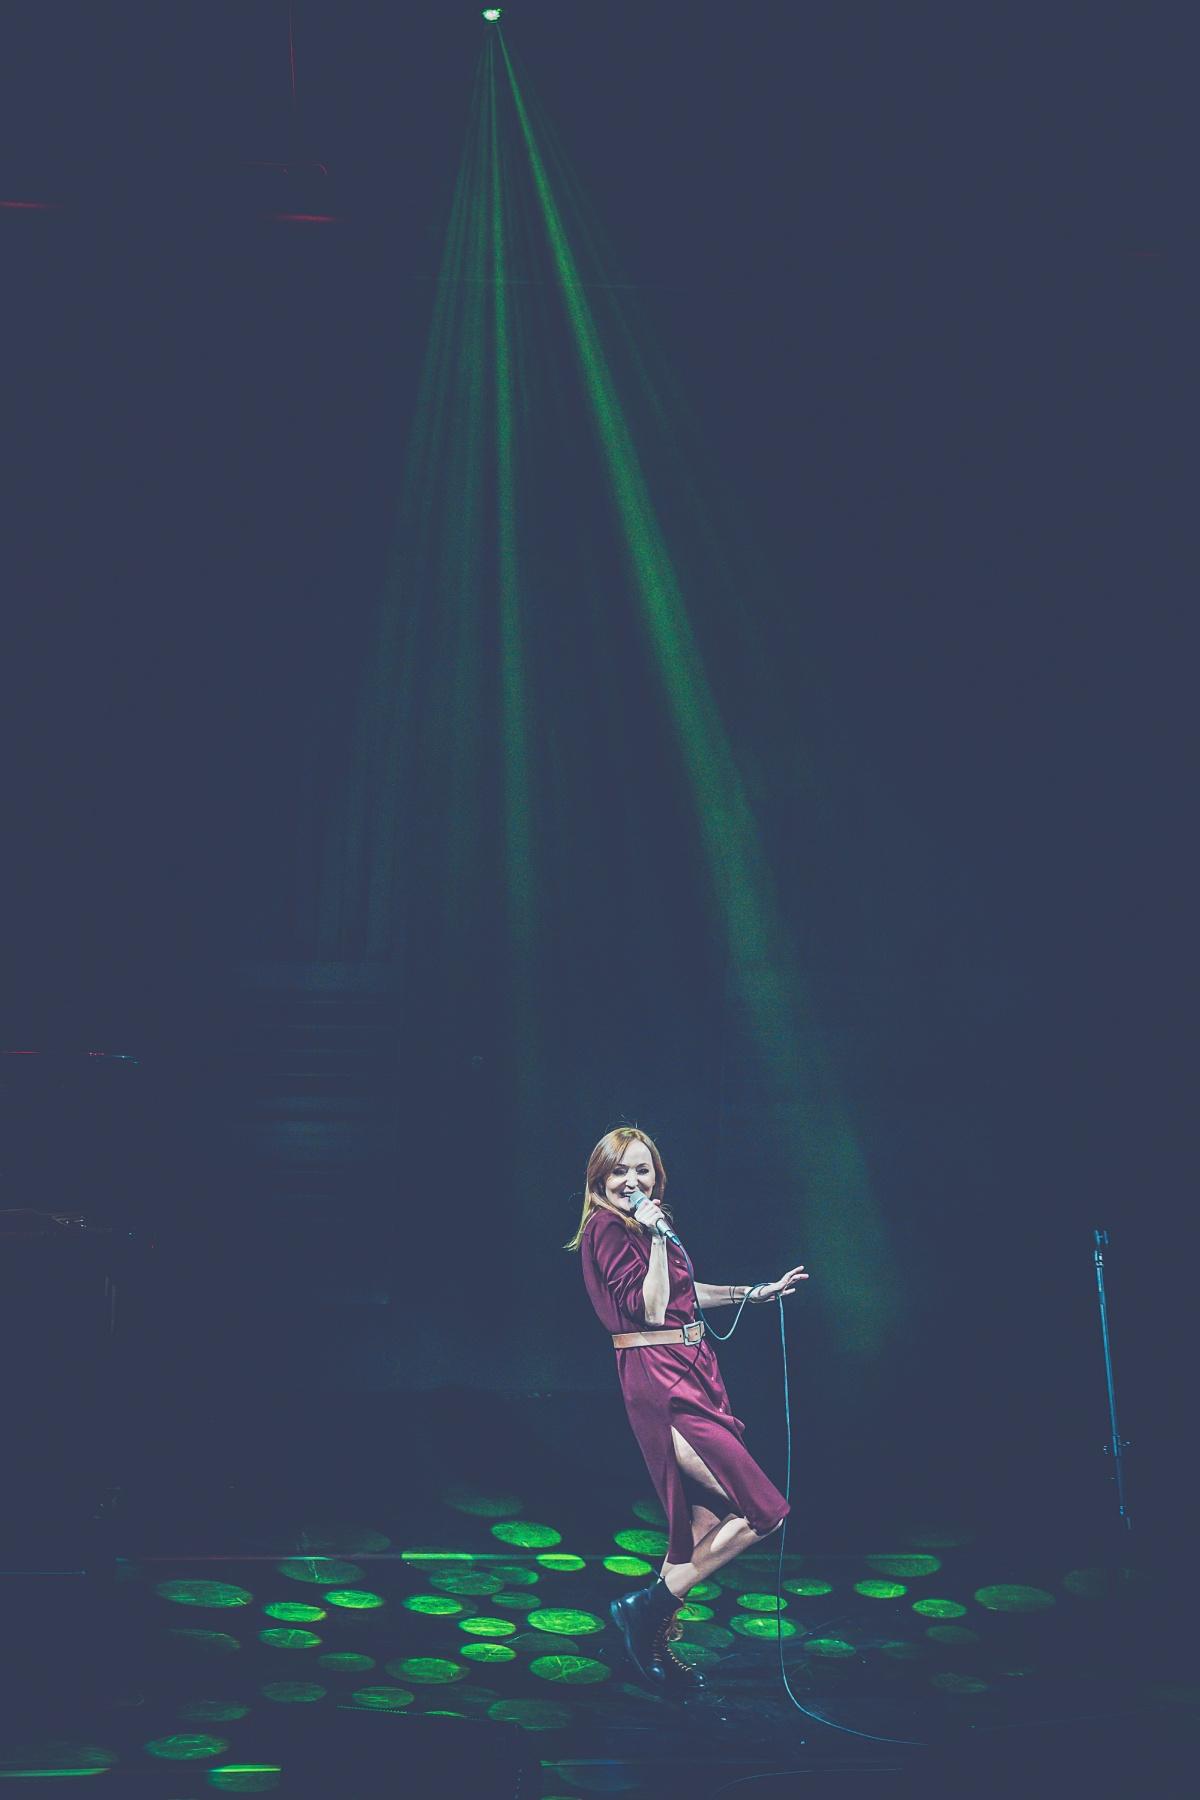 Justyna Szafran śpiewa. Dynamiczna, uchwycona w tańcu poza. Od góry oświetla ją snop zielonego światła z reflektora.